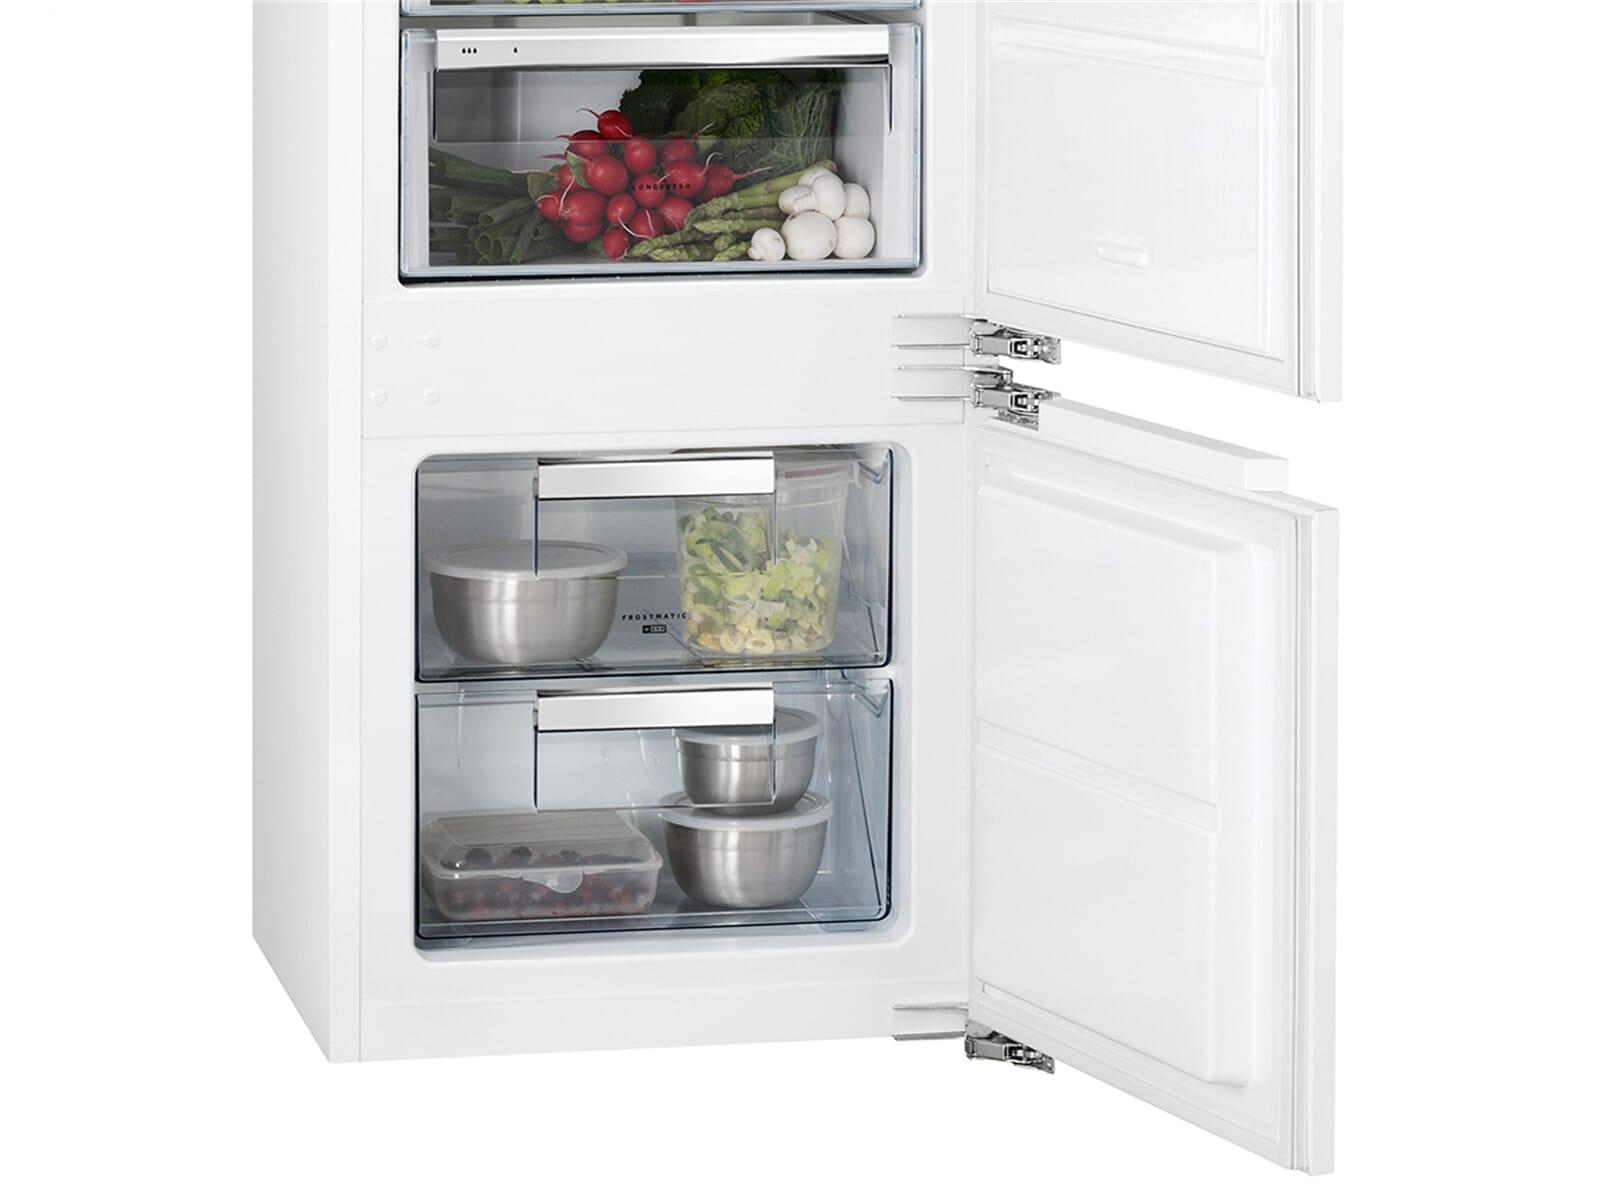 Aeg Kühlschrank Abtauen : Aeg sce81826zc einbau kühl gefrierkombination